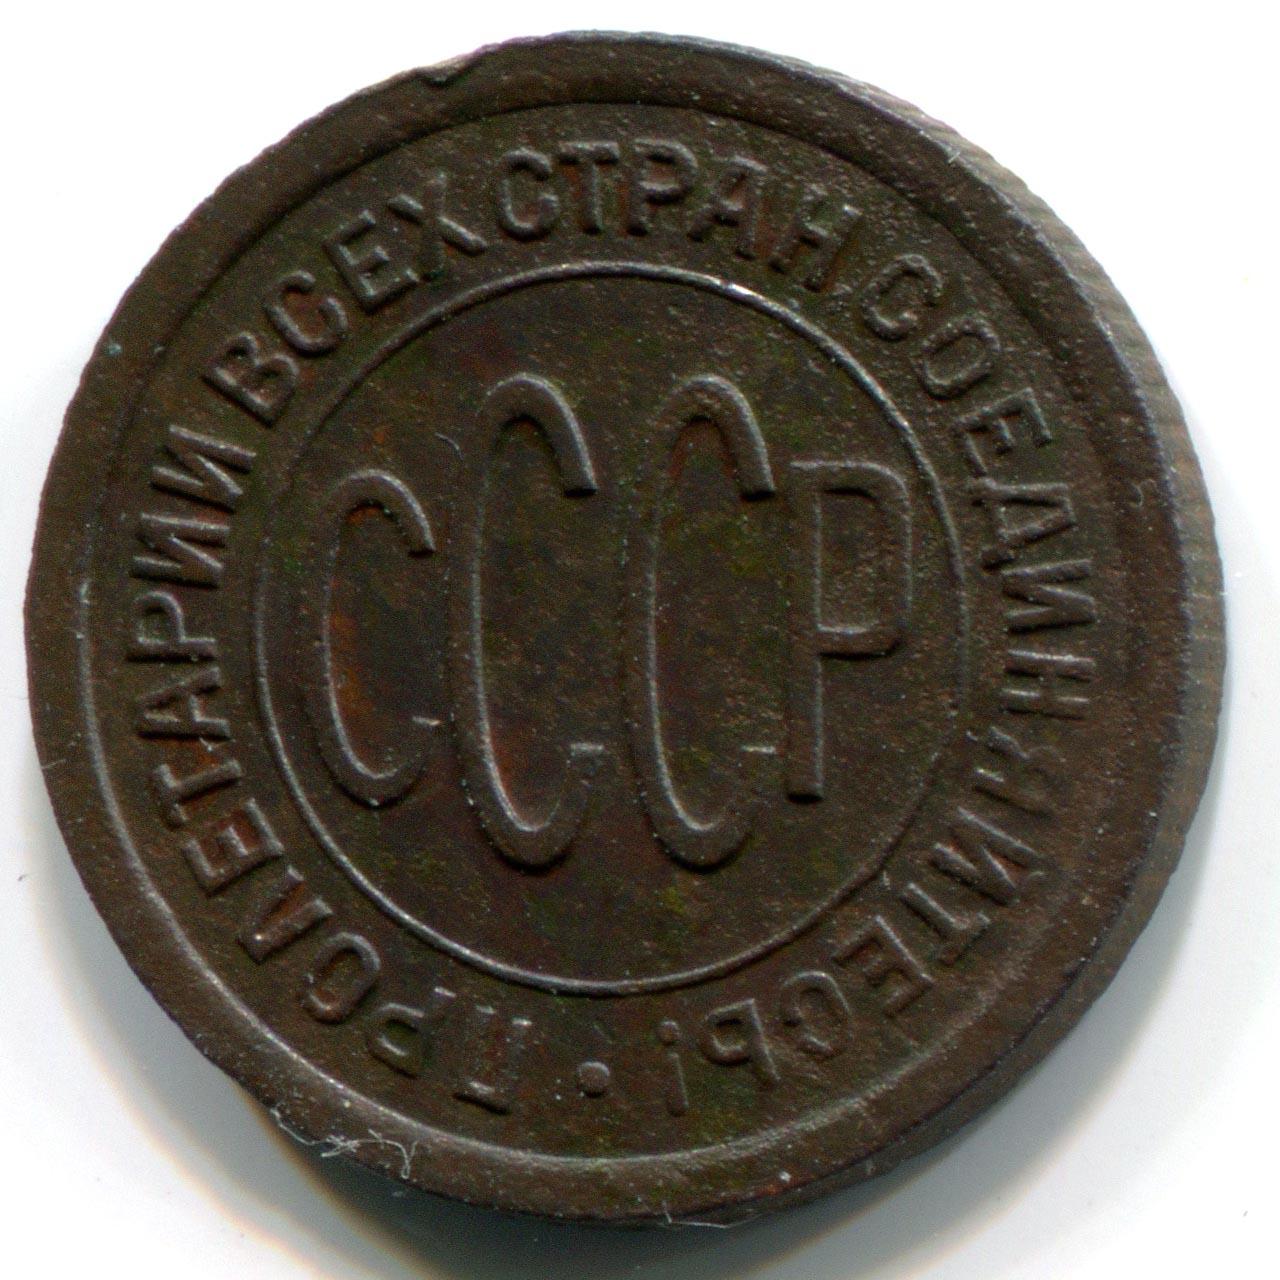 Ссср 1927 стоимость серебряной монеты 1 рубль 1924 года